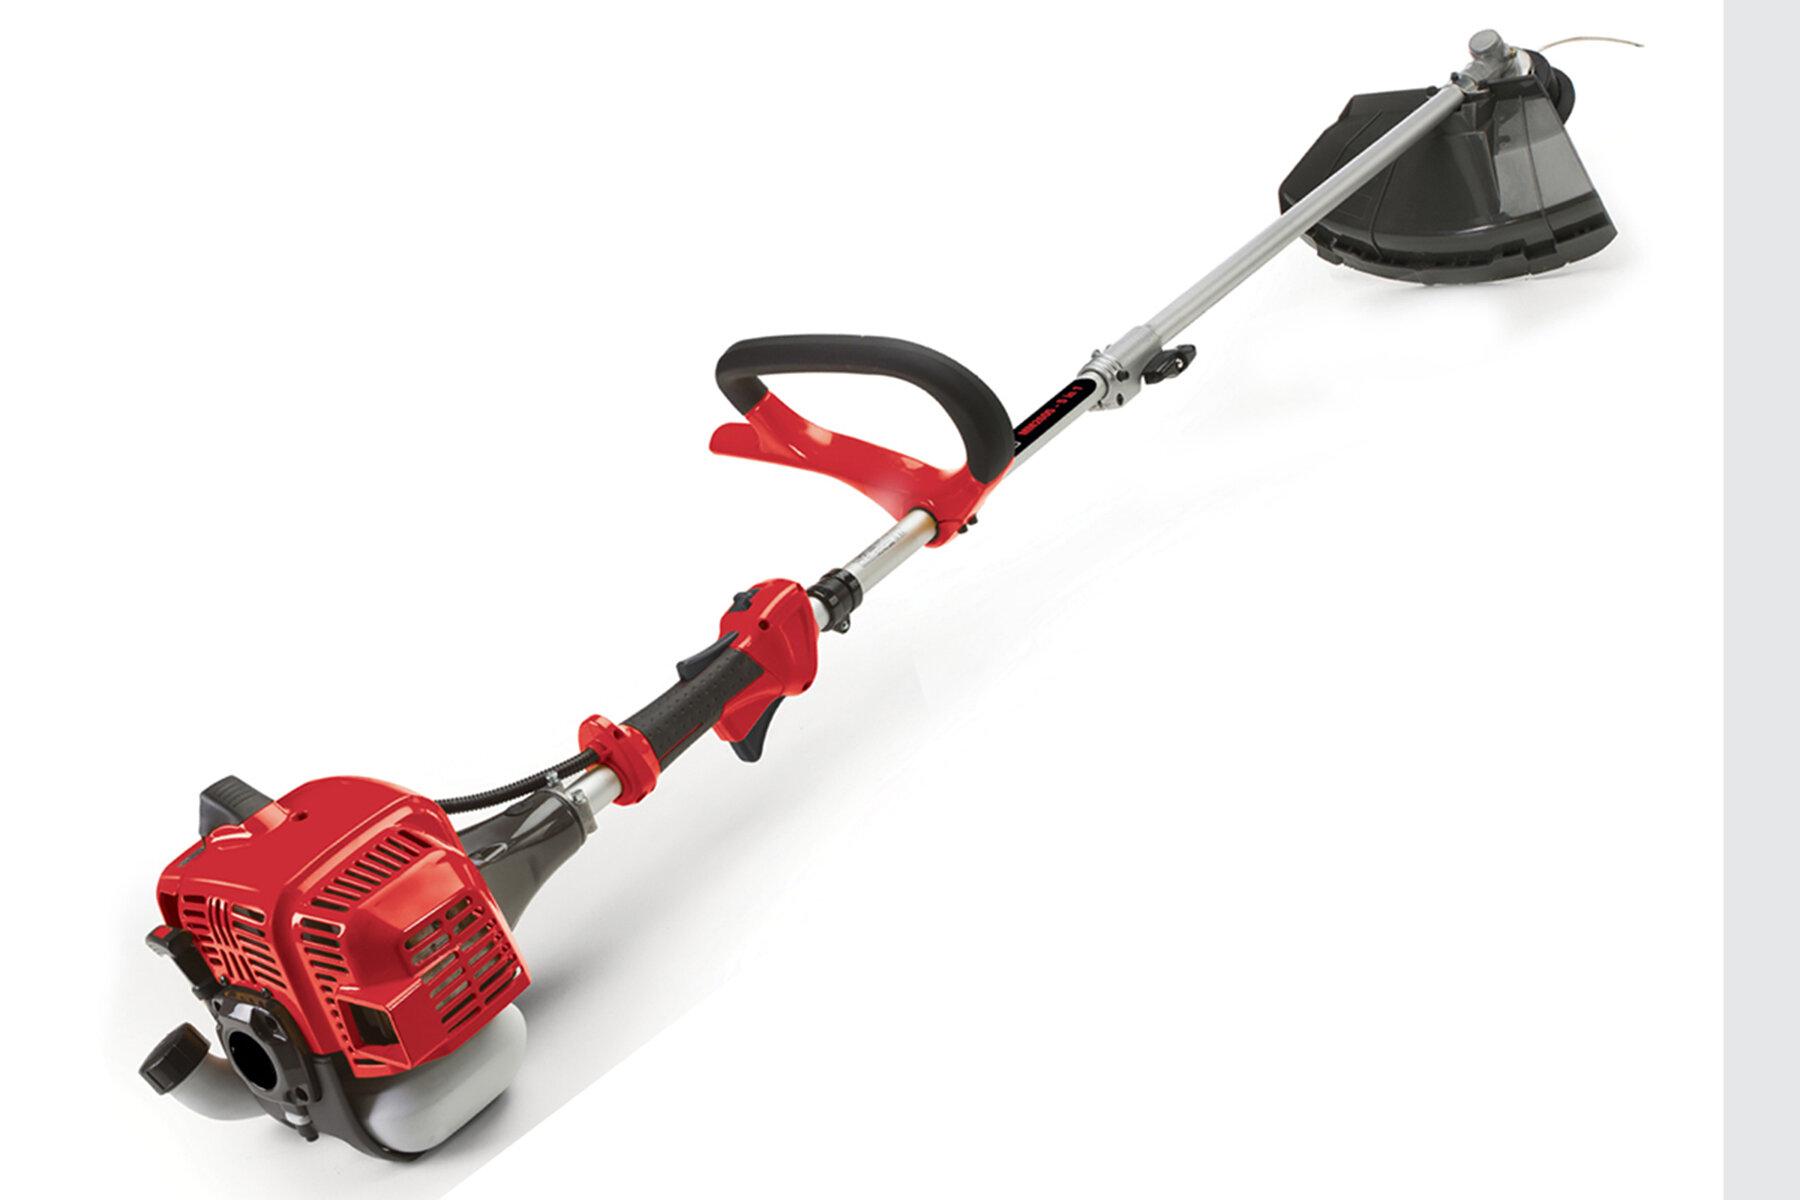 Castelgarden XB226J Brushcutter